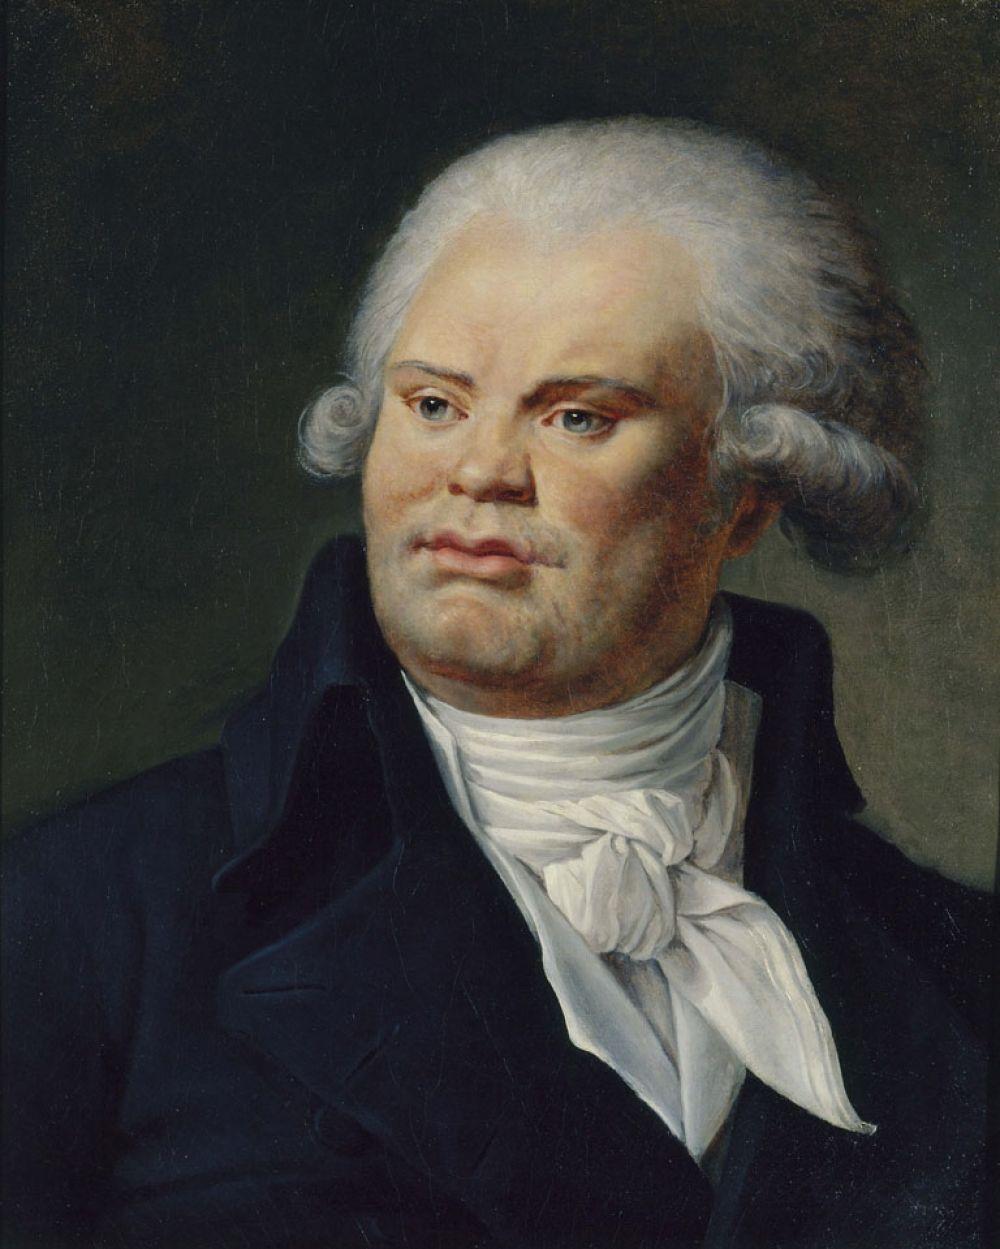 Jacques Danton, Jacques Danton (17591794